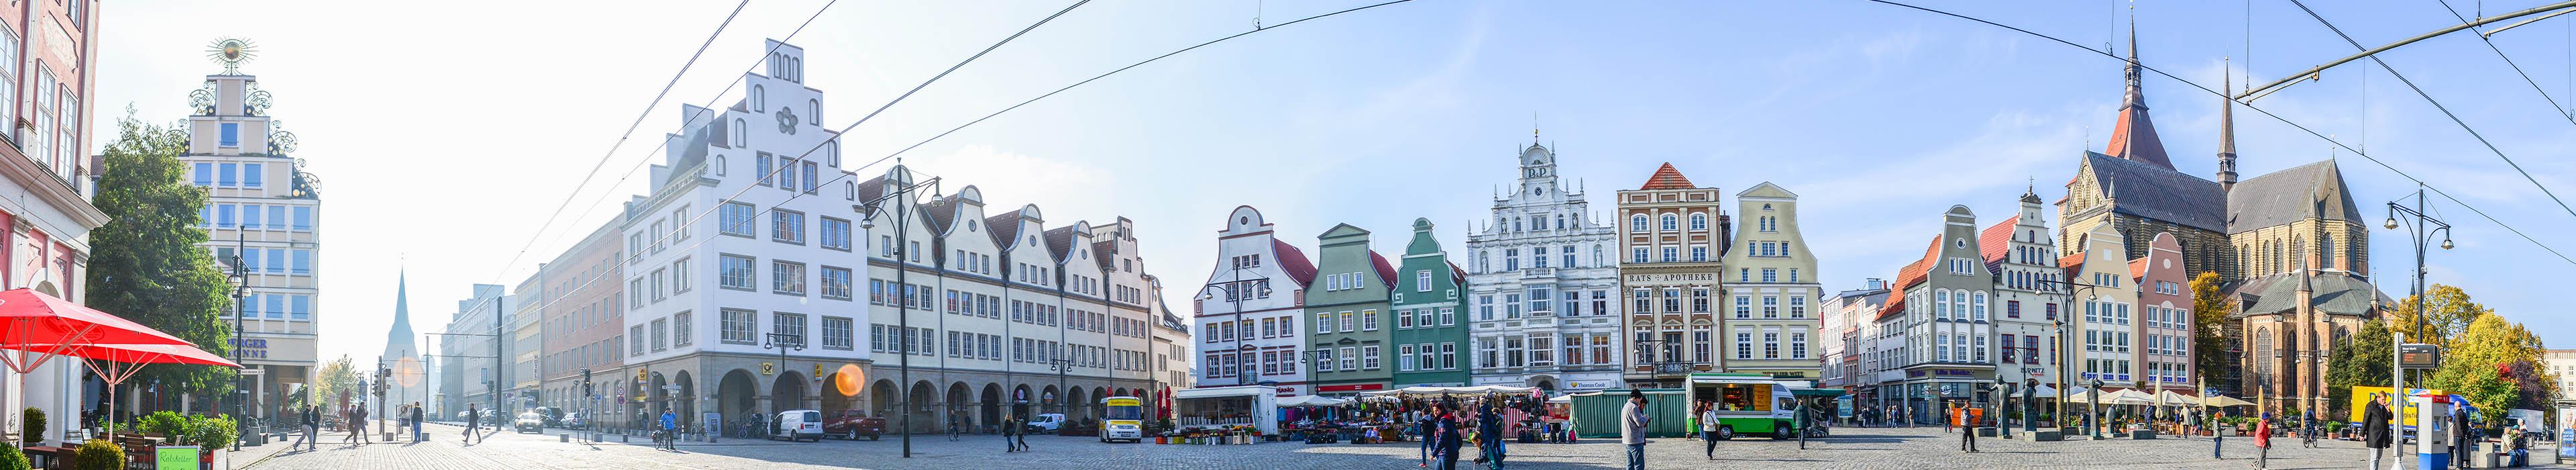 Rostock - Markt